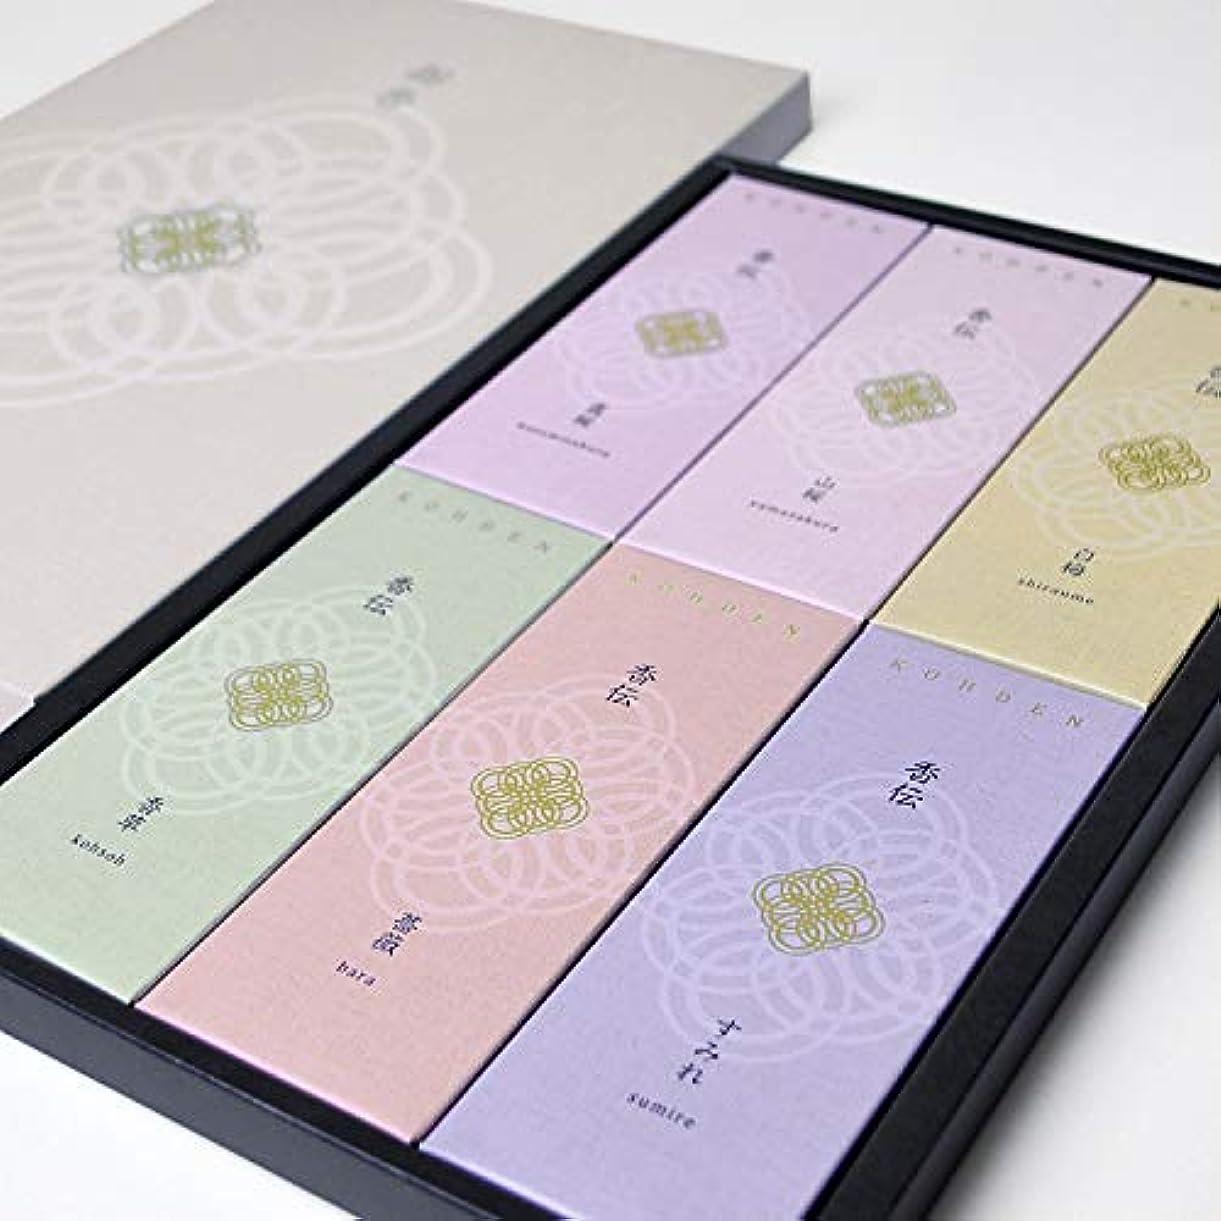 引き渡すウィンク異常(ポストに投函できる進物用)日本香堂 香伝 花の香り 線香6種類 1セット